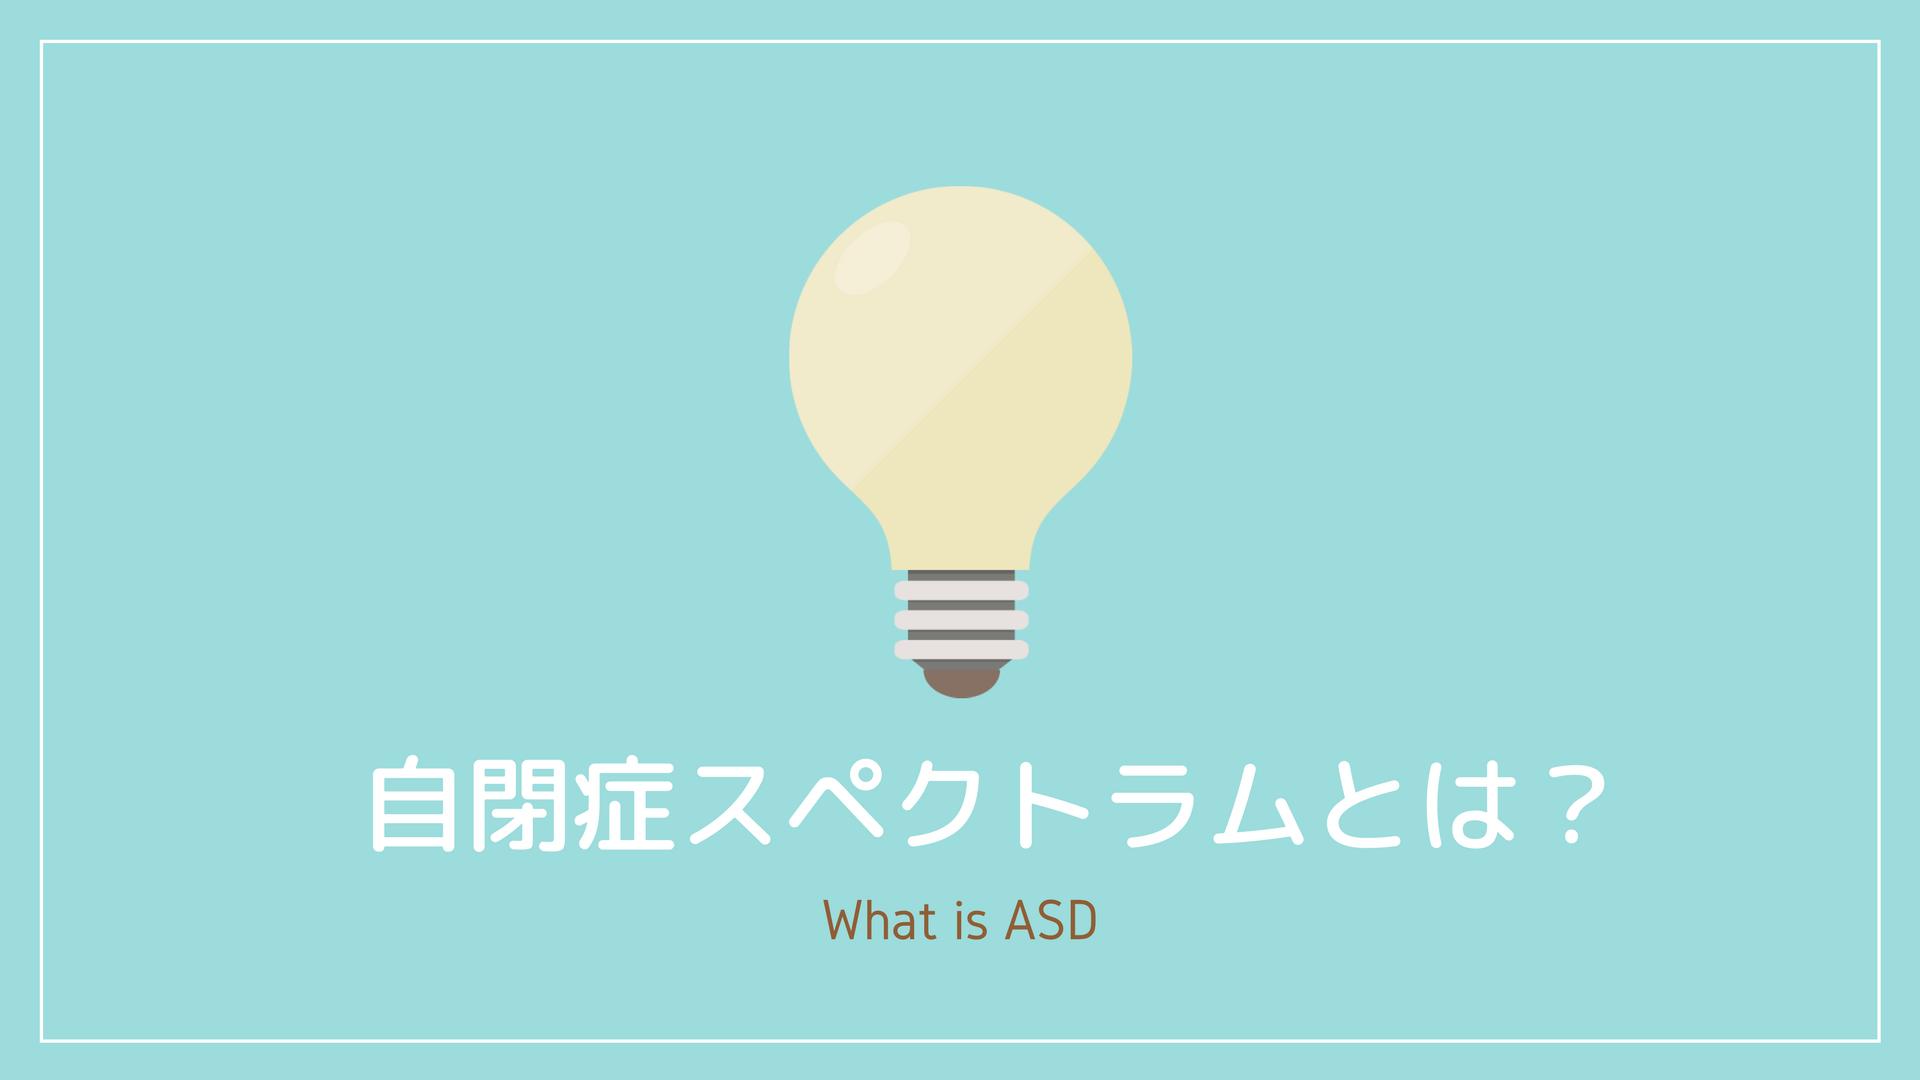 自閉症スペクトラム障害(ASD)とは?癇癪、こだわり・・よくある4つの悩み別対処法